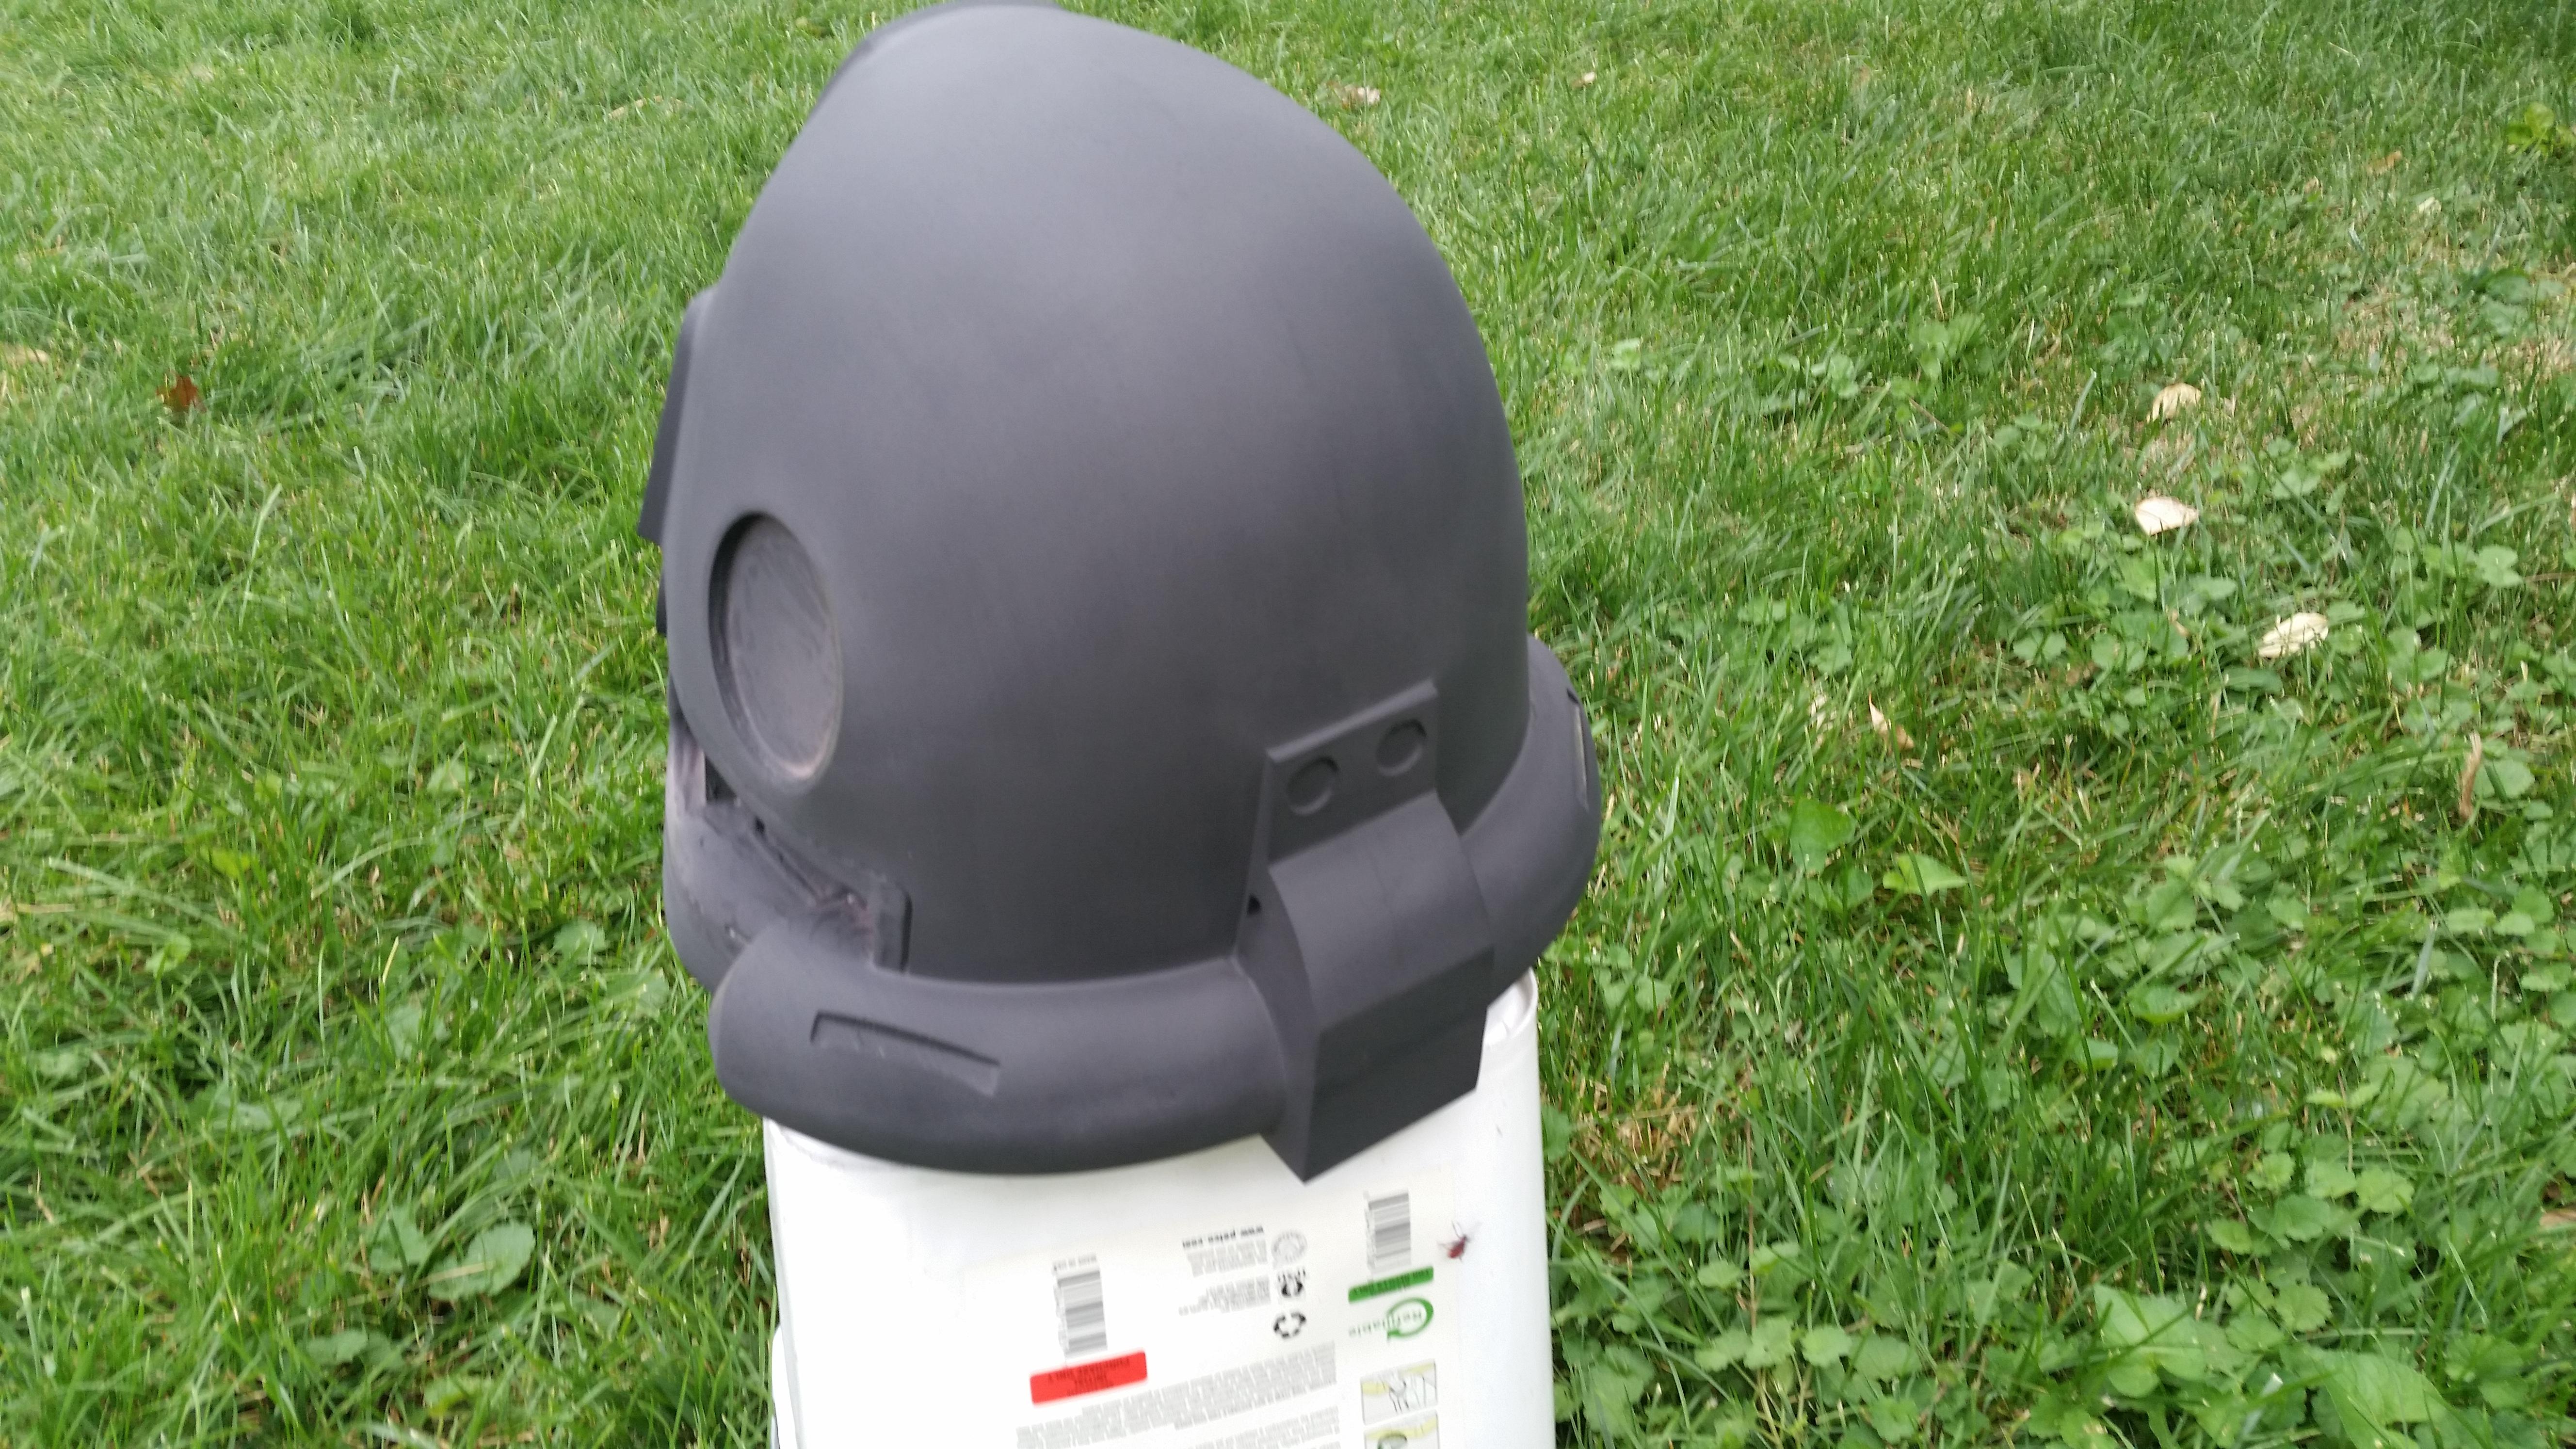 power armor lid a.jpg